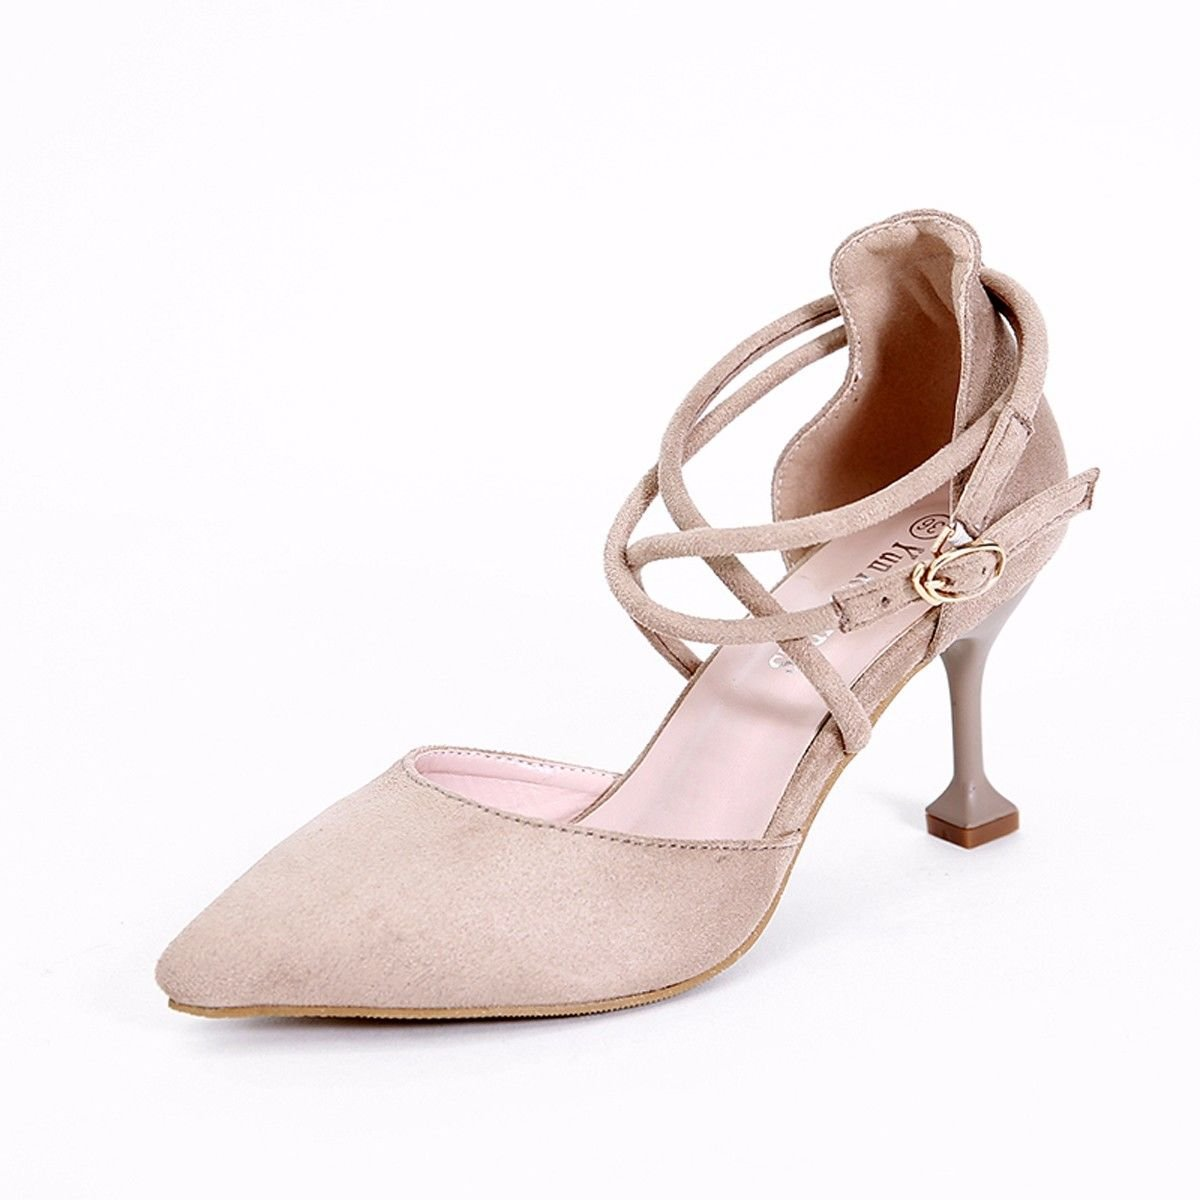 GTVERNH Damenschuhe Frühling High Heels Einzelne Schuhe Geeignet Für Große Füße Große Fette Dicht und Dick Hohe Zurück.